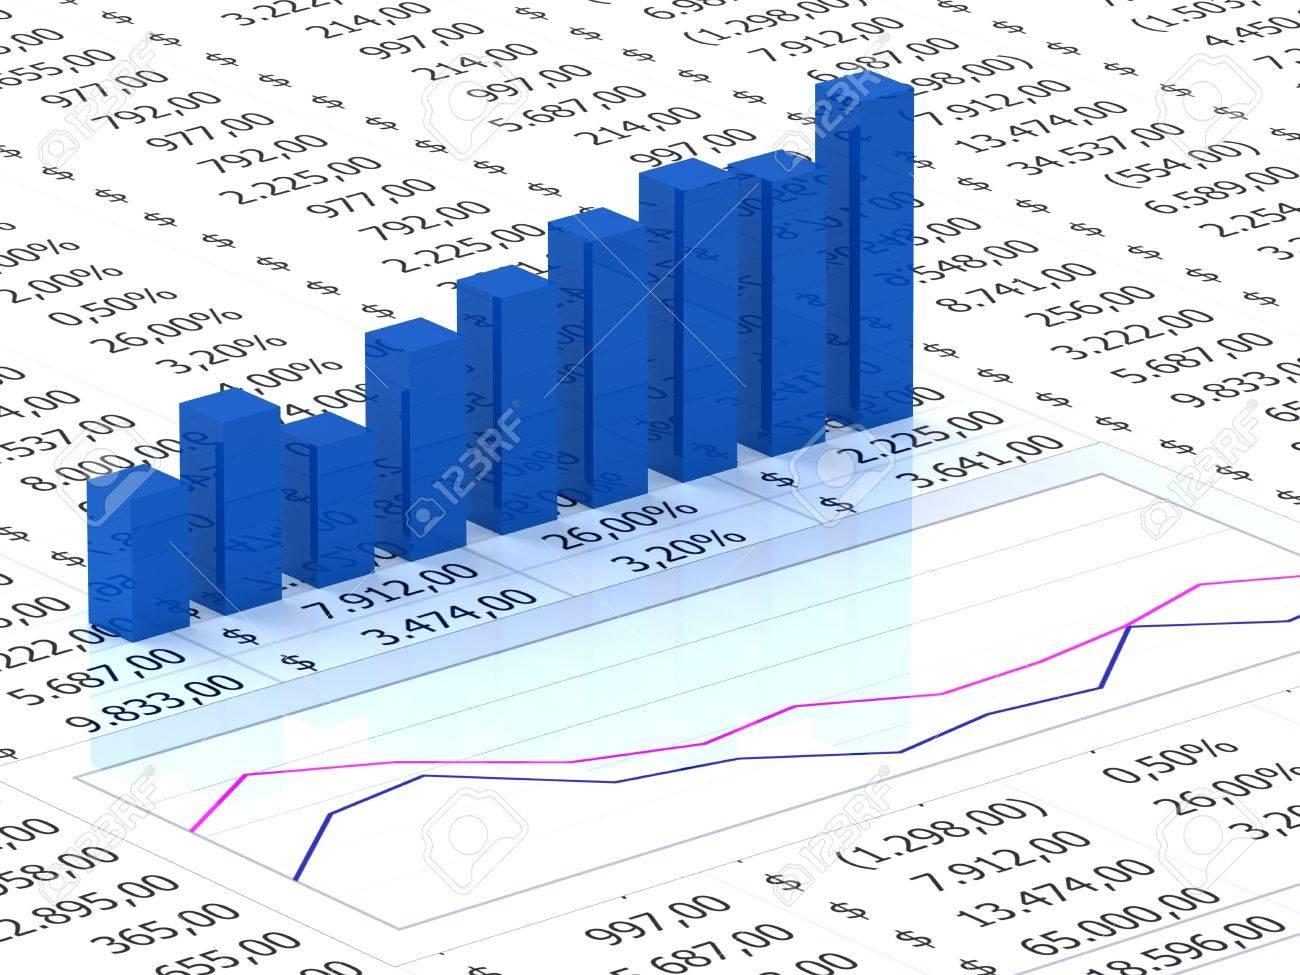 Hoja De Cálculo Con Gráfico De Barras De Color Azul Con Los Números ...